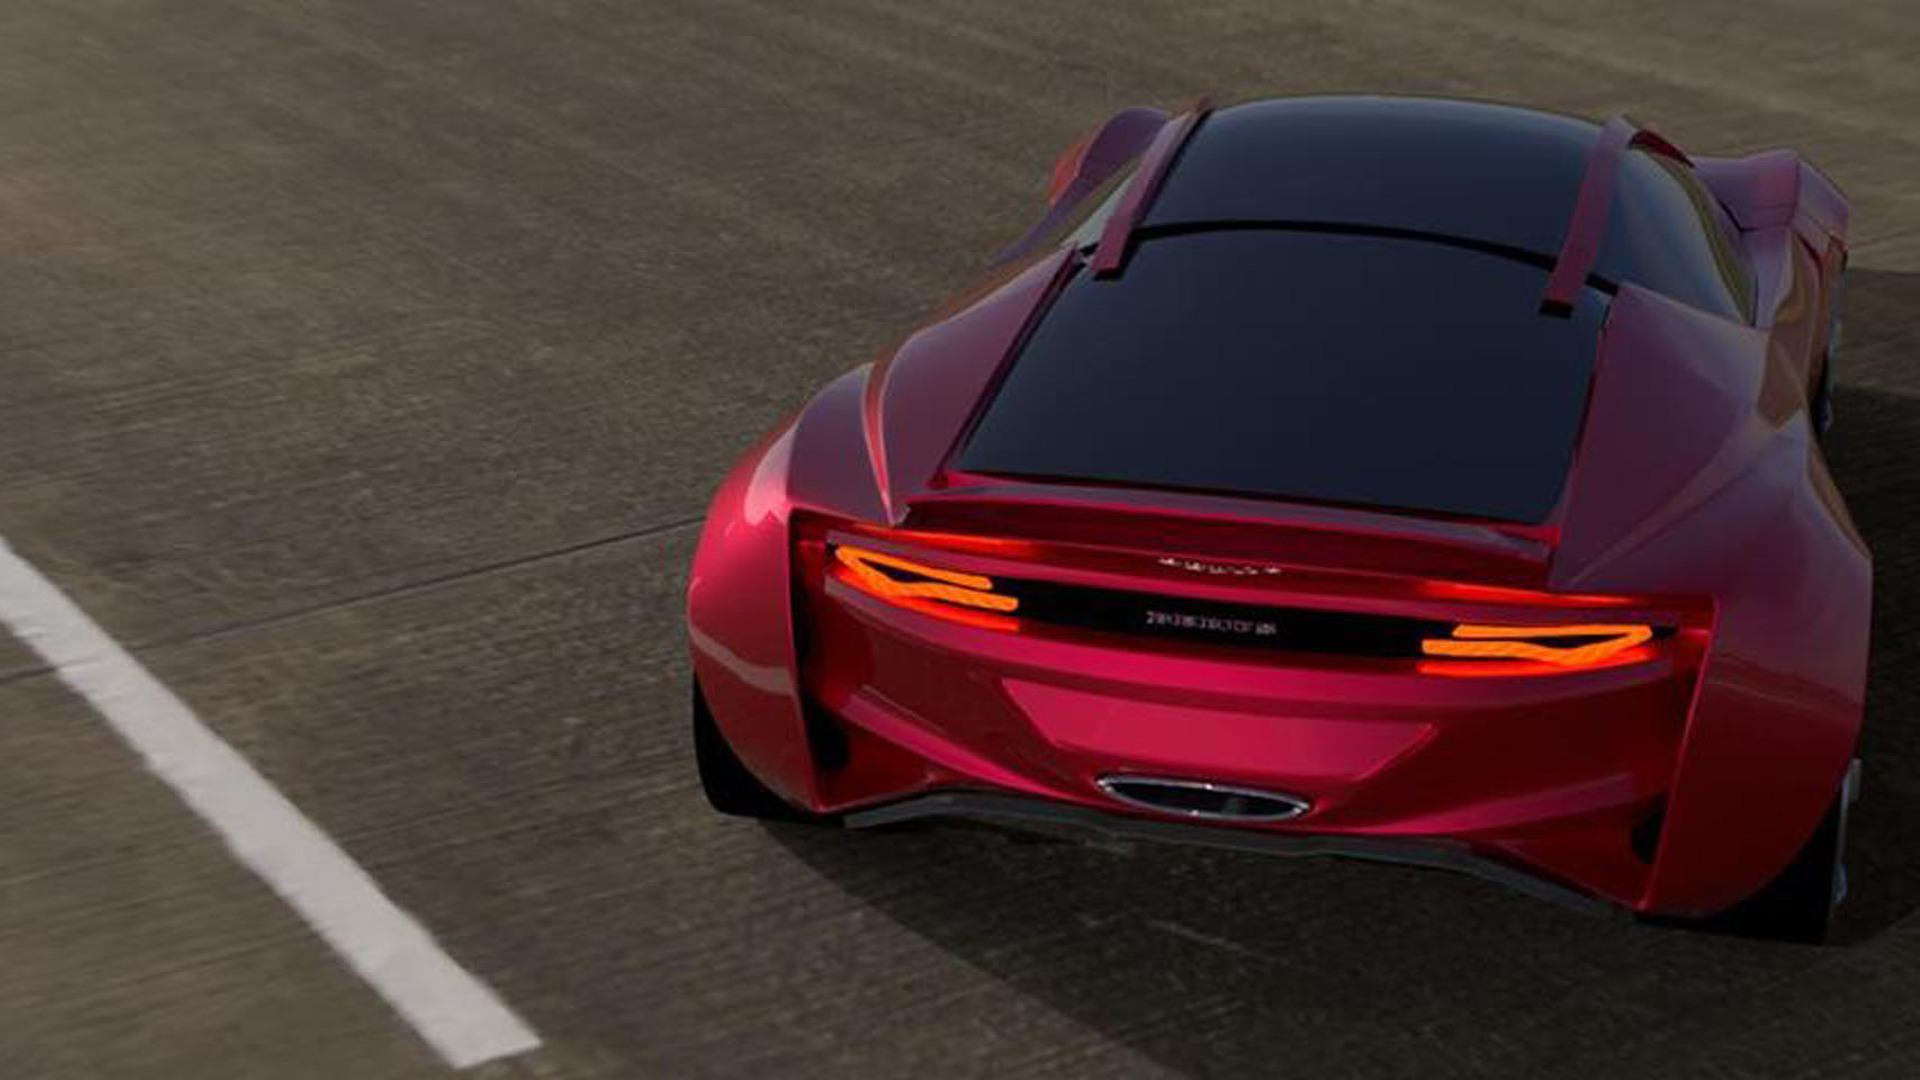 Ferrari's new platform, Keating Berus supercar, Hellcat ...